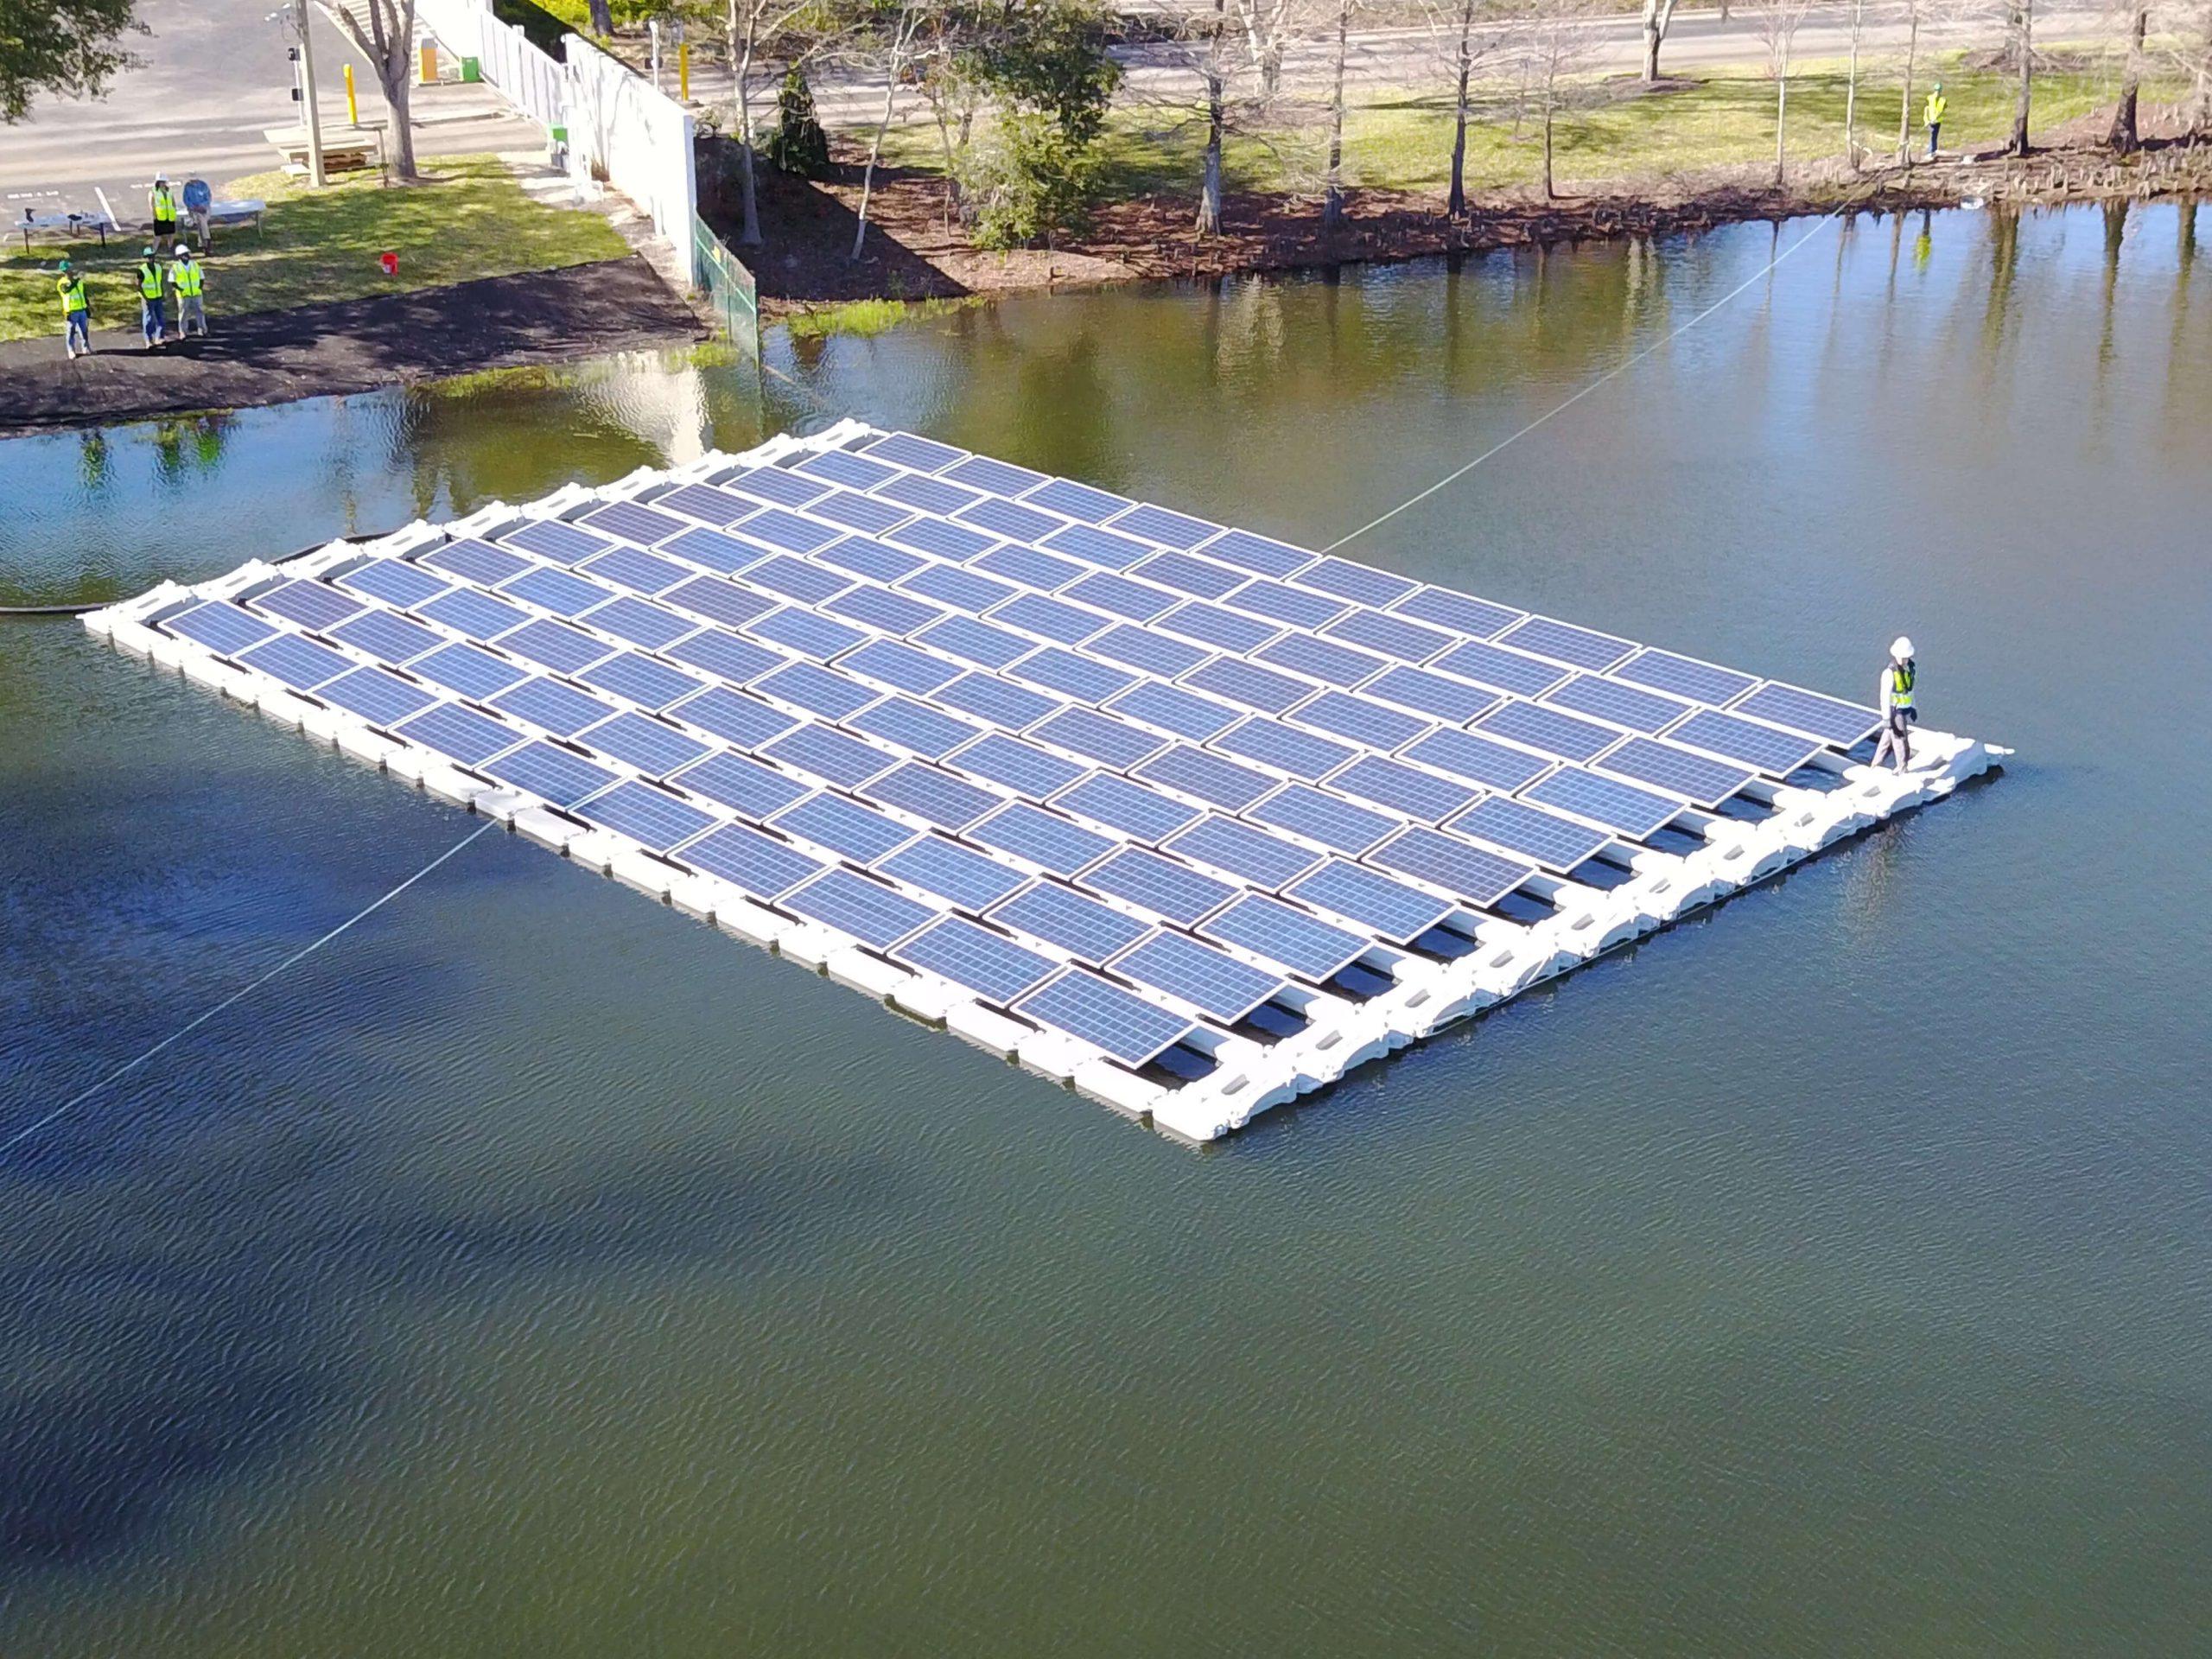 MK Business Link - FORBES donosi o nowych planach Dubaju – ekologicznym pływającym źródle energii!